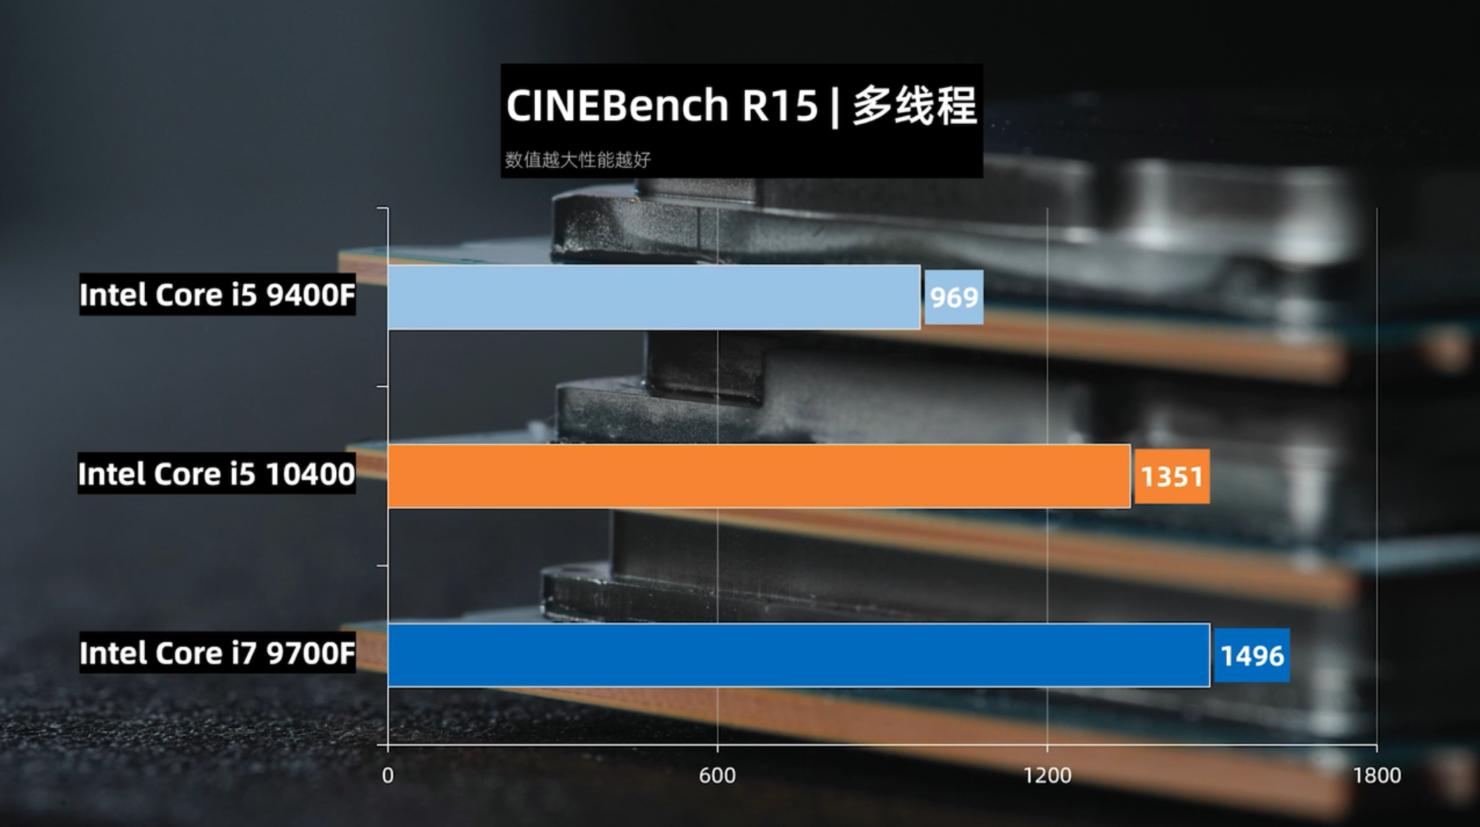 intel-core-i5-10400-comet-lake-s-6-core-desktop-cpu_cinebench-r15-multi-core